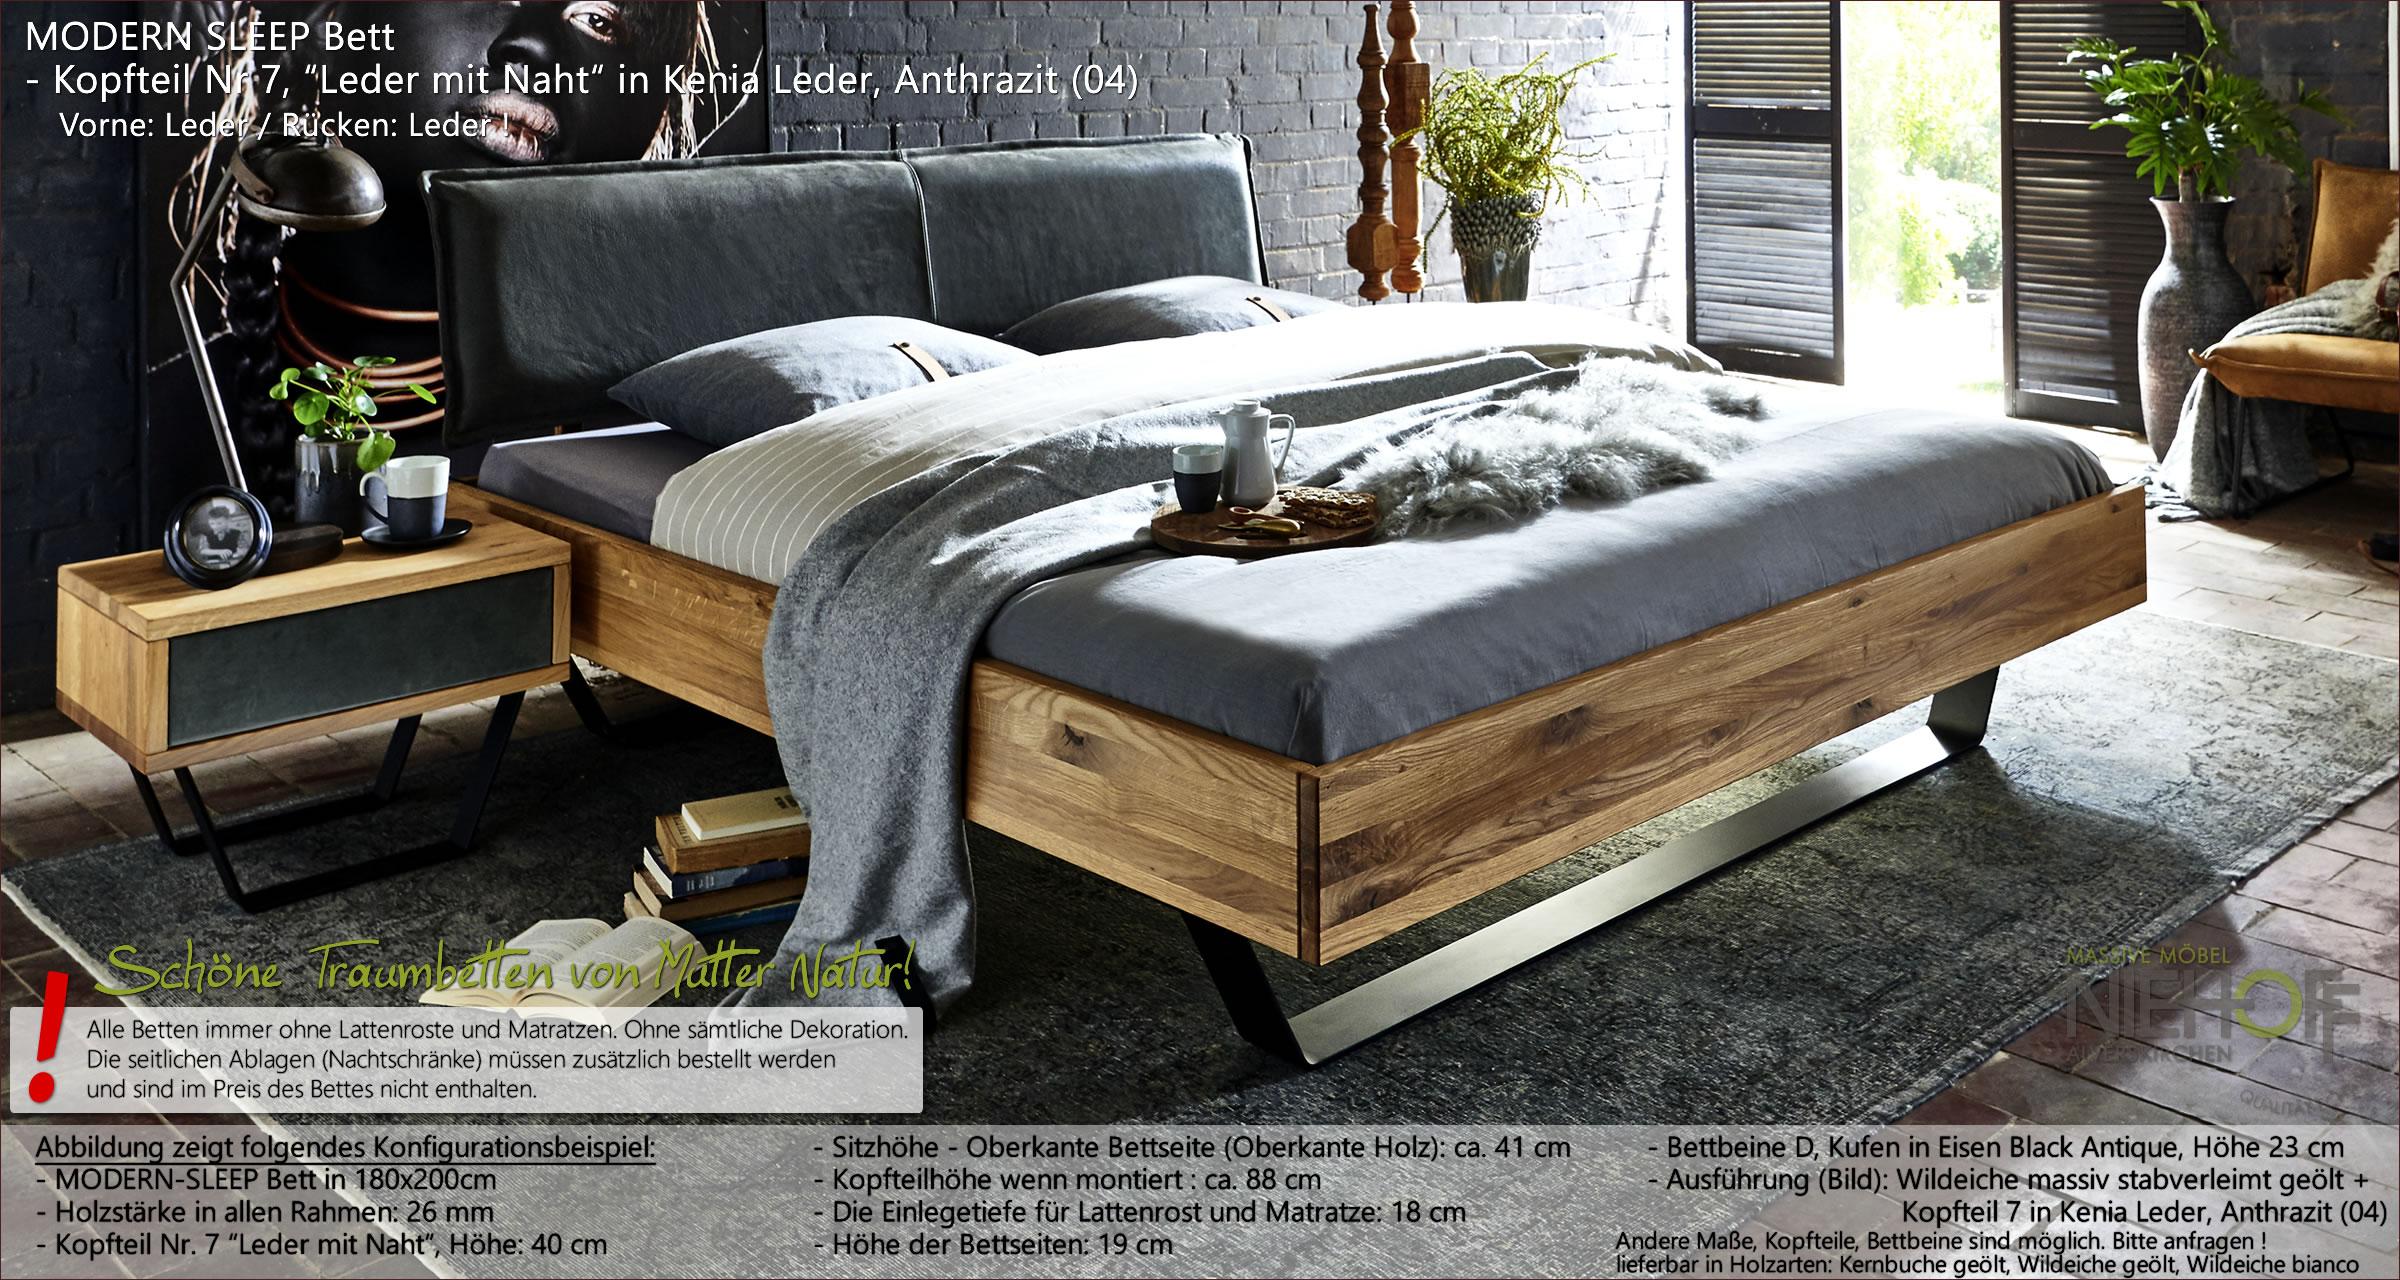 Full Size of Rückwand Bett Holz Modernes Massivholzbett Modern Sleep Mit Kopfteil Aus Kenia Leder 100x200 Betten Bettkasten Skandinavisch Ohne Massivholz Modulküche Wohnzimmer Rückwand Bett Holz